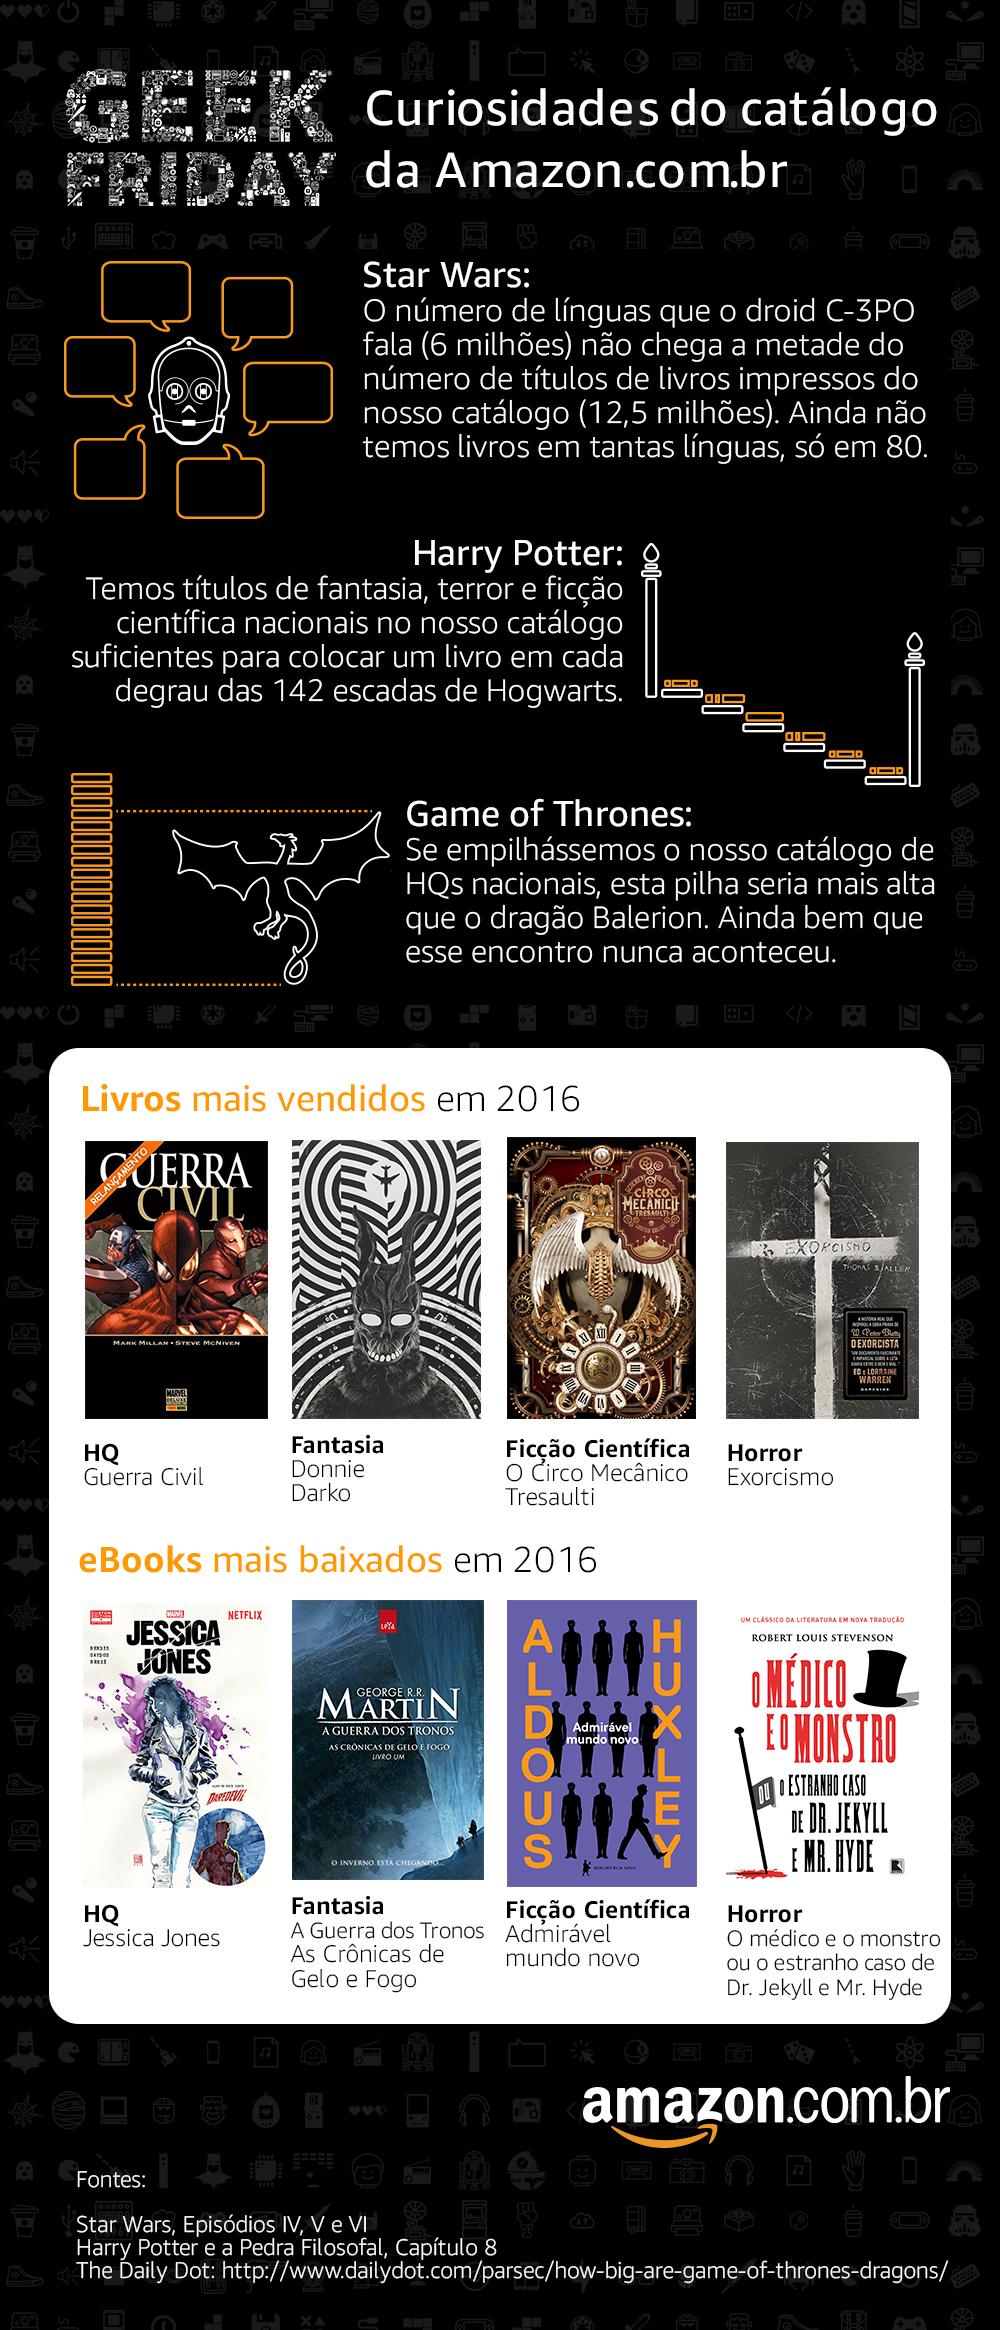 Geek Friday: Amazon.com.br com promoções para celebrar a cultura geek